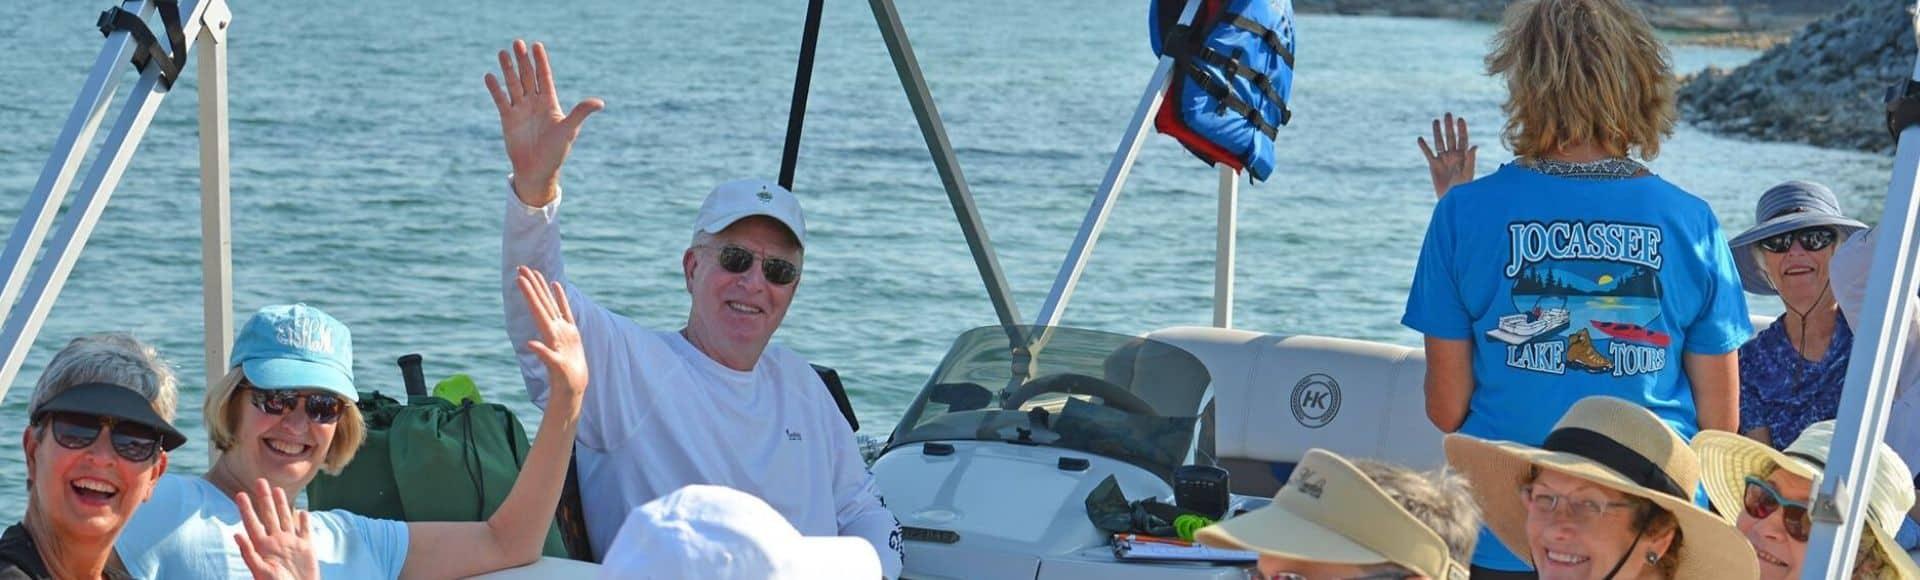 photo of Lake Jocassee Tours boat